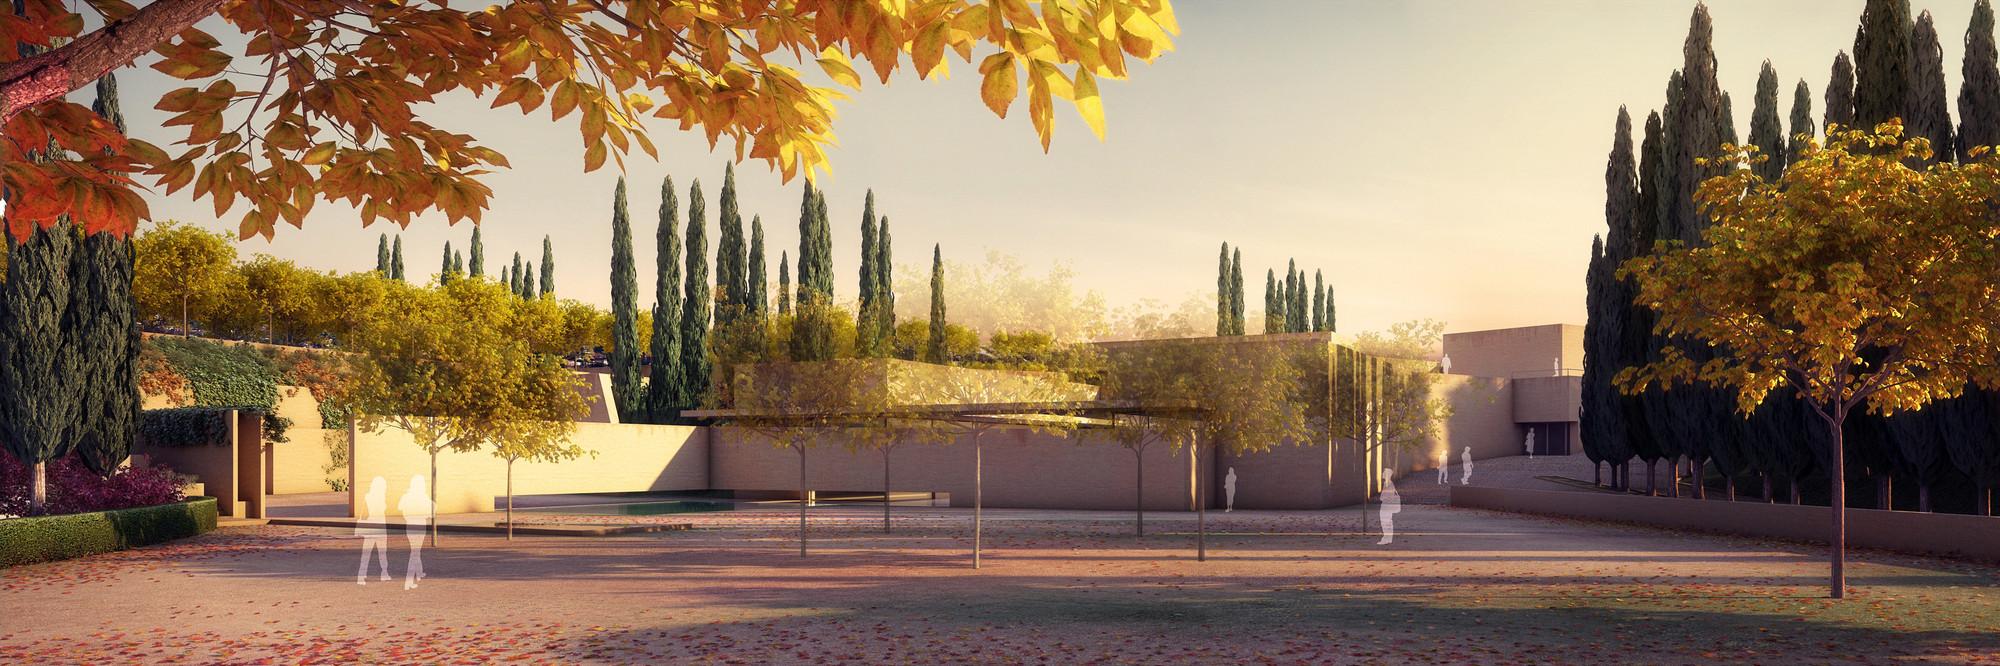 Exposición Visiones de la Alhambra en Oporto